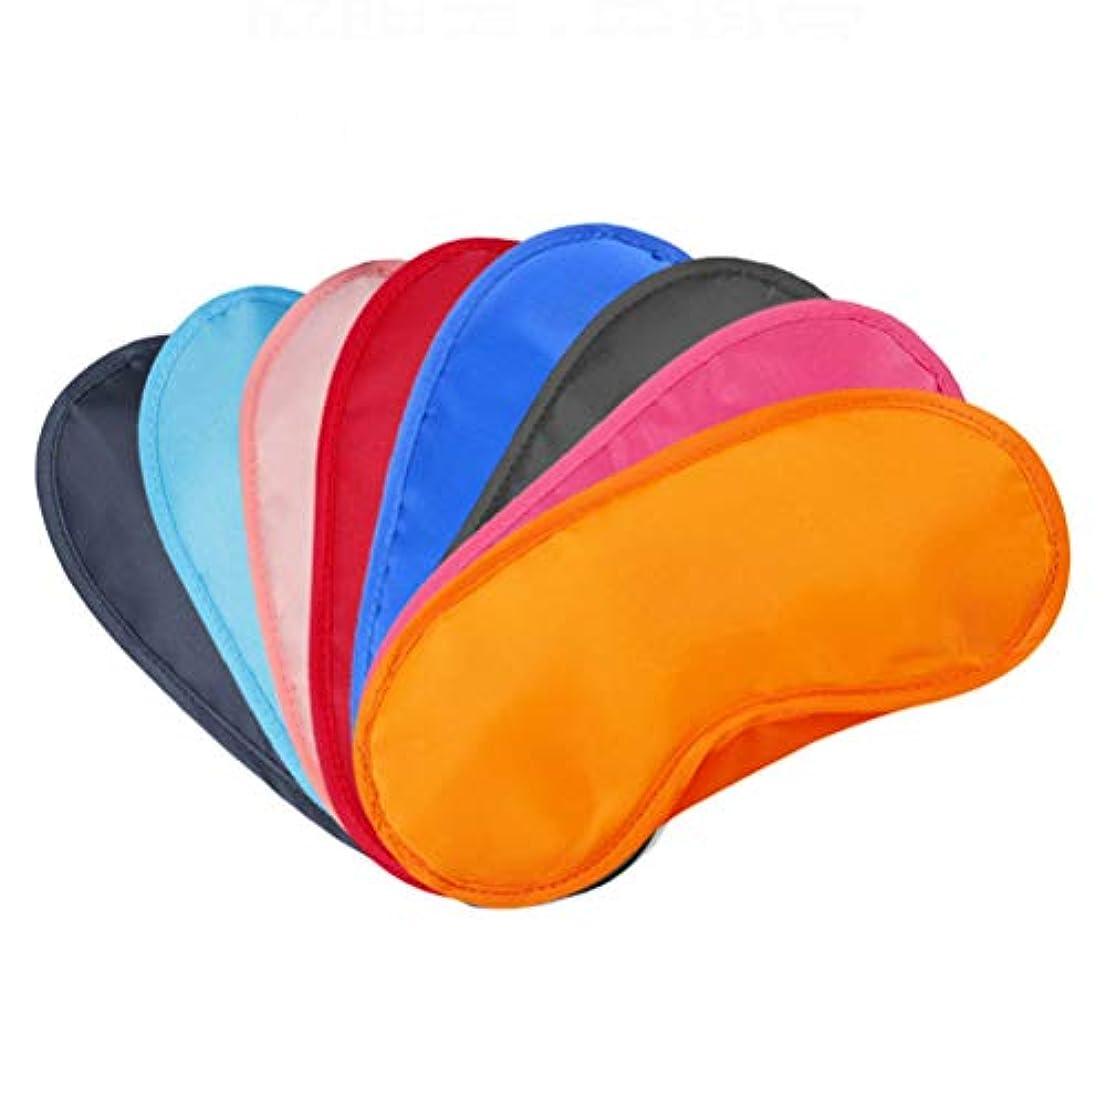 持ってるプロフェッショナル規制Lurrose 30ピースコットンアイスリーピングマスクレストアイマスク目隠し旅行用睡眠補助剤(混色)